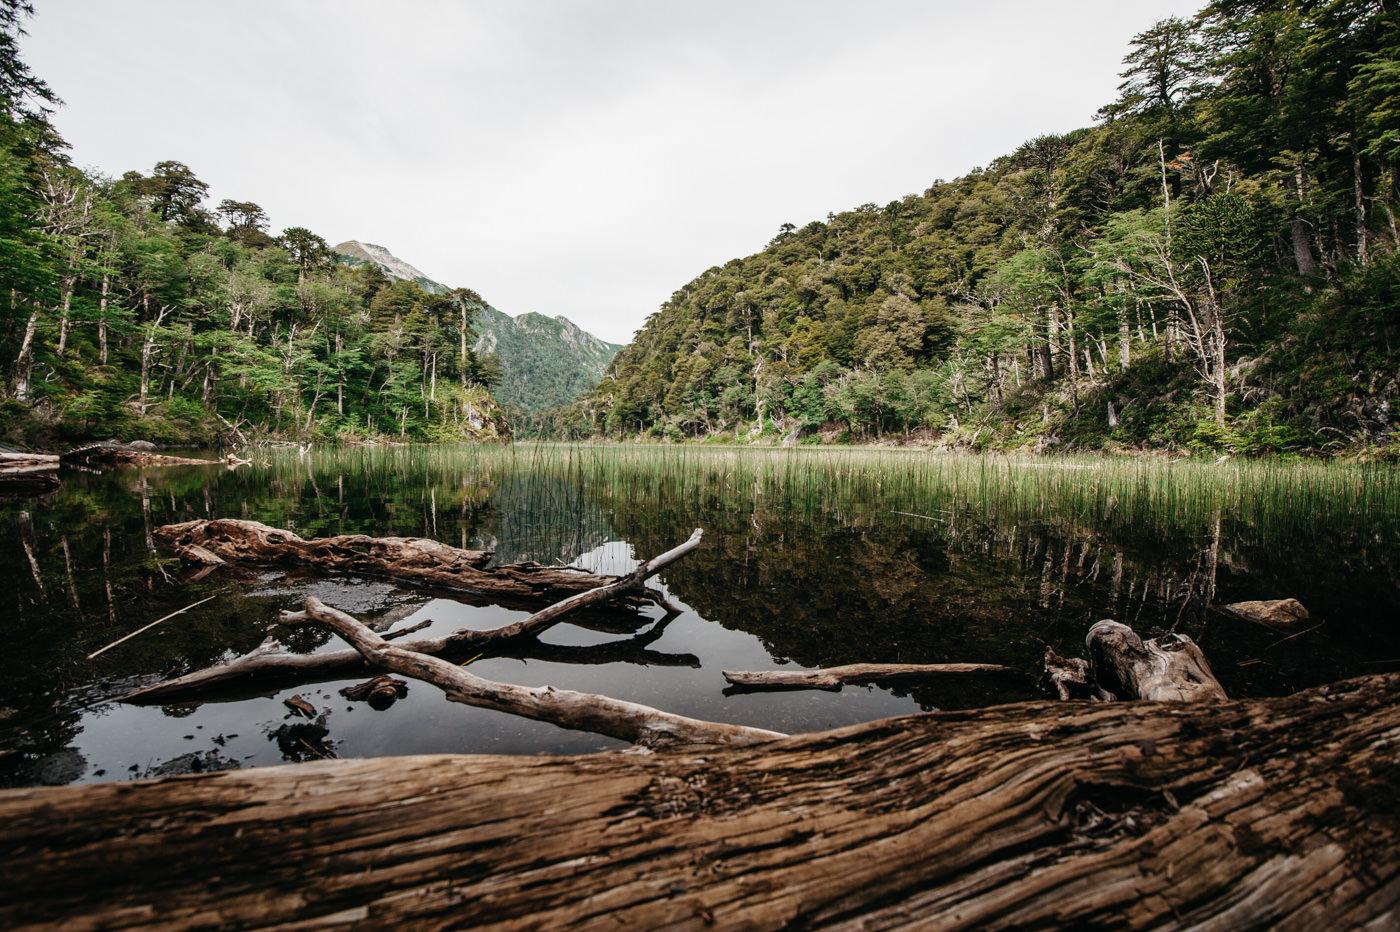 Chile Parque Nacional Huerquehue Sendero Los Lagos Lago El Toro